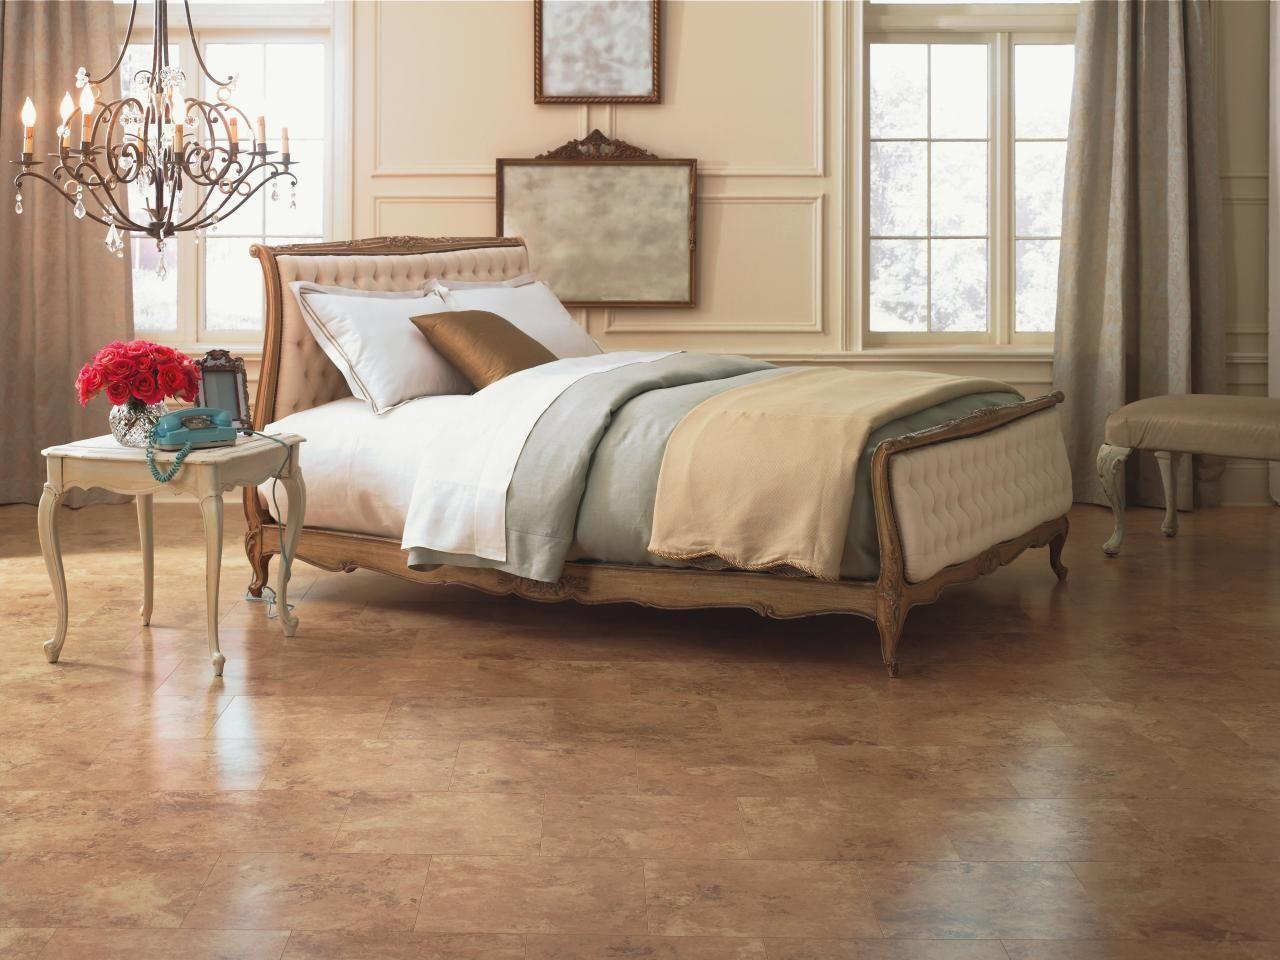 Floor Covering Ideas For Bedrooms | Bedroom flooring, Tile bedroom, Bedroom  design